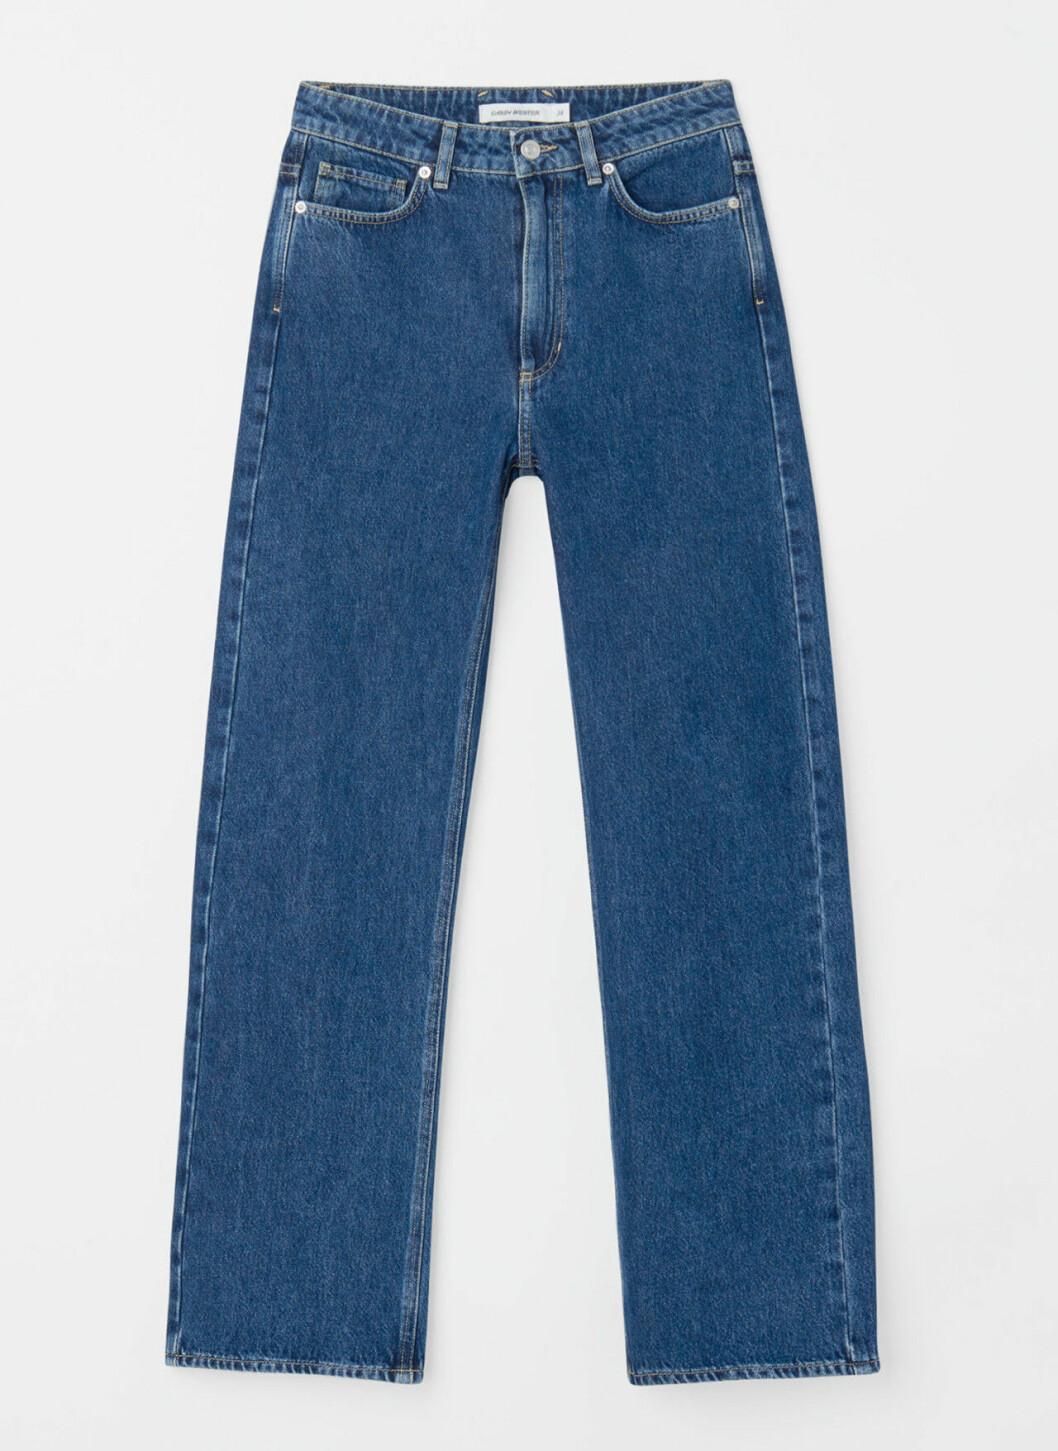 Blå jeans med raka ben för dam till våren 2020